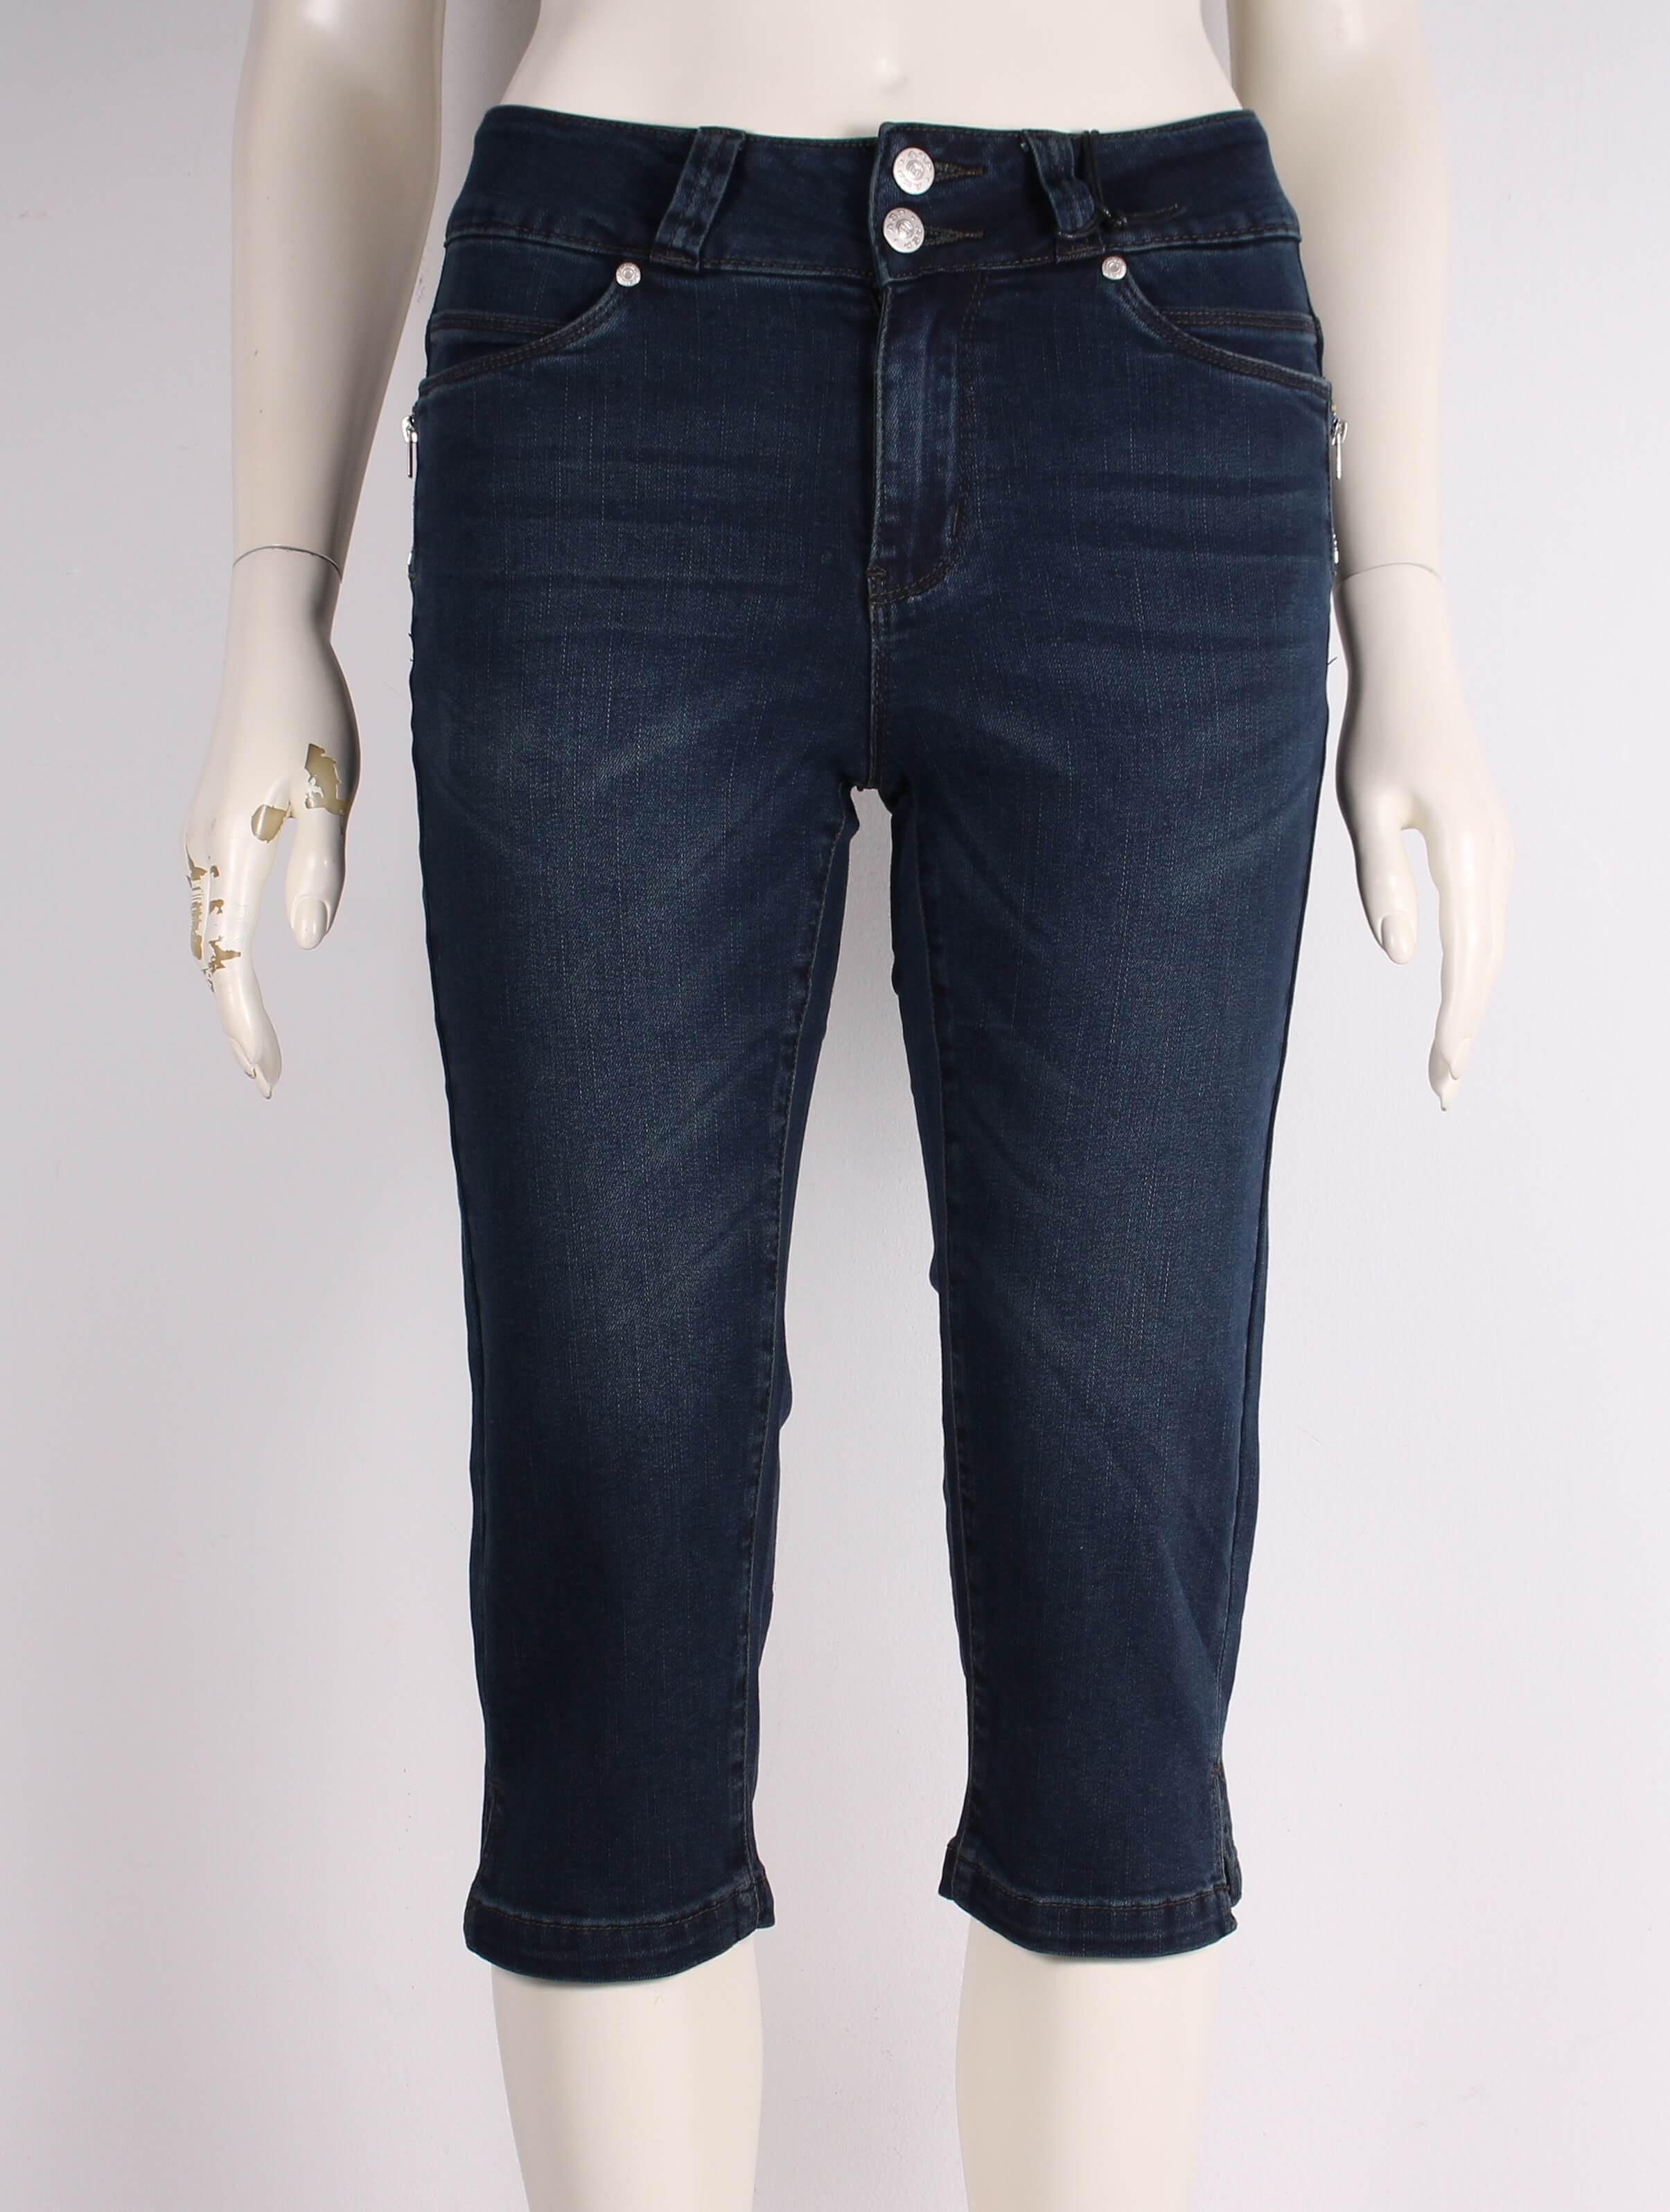 ASP – Smarte Elis pirat Jeans – Mørkeblå denim